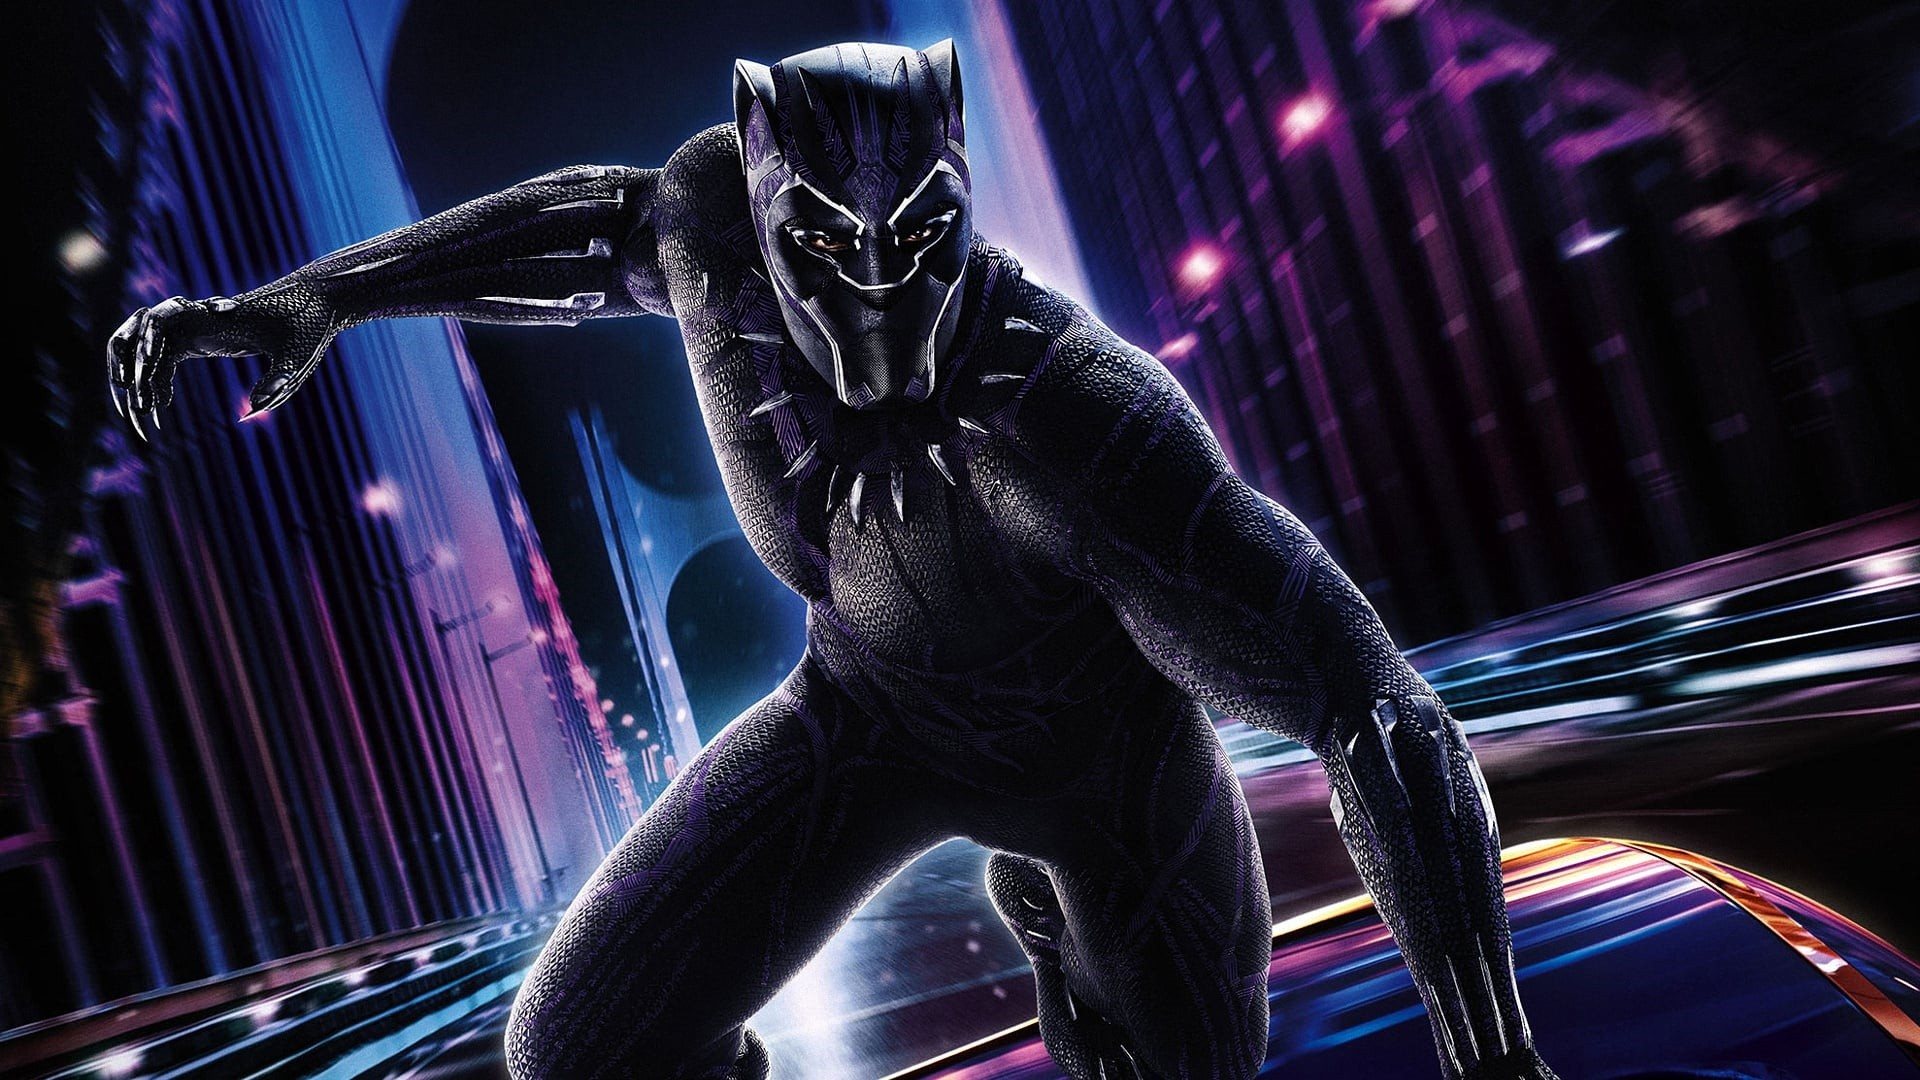 Black Panther Free Wallpaper